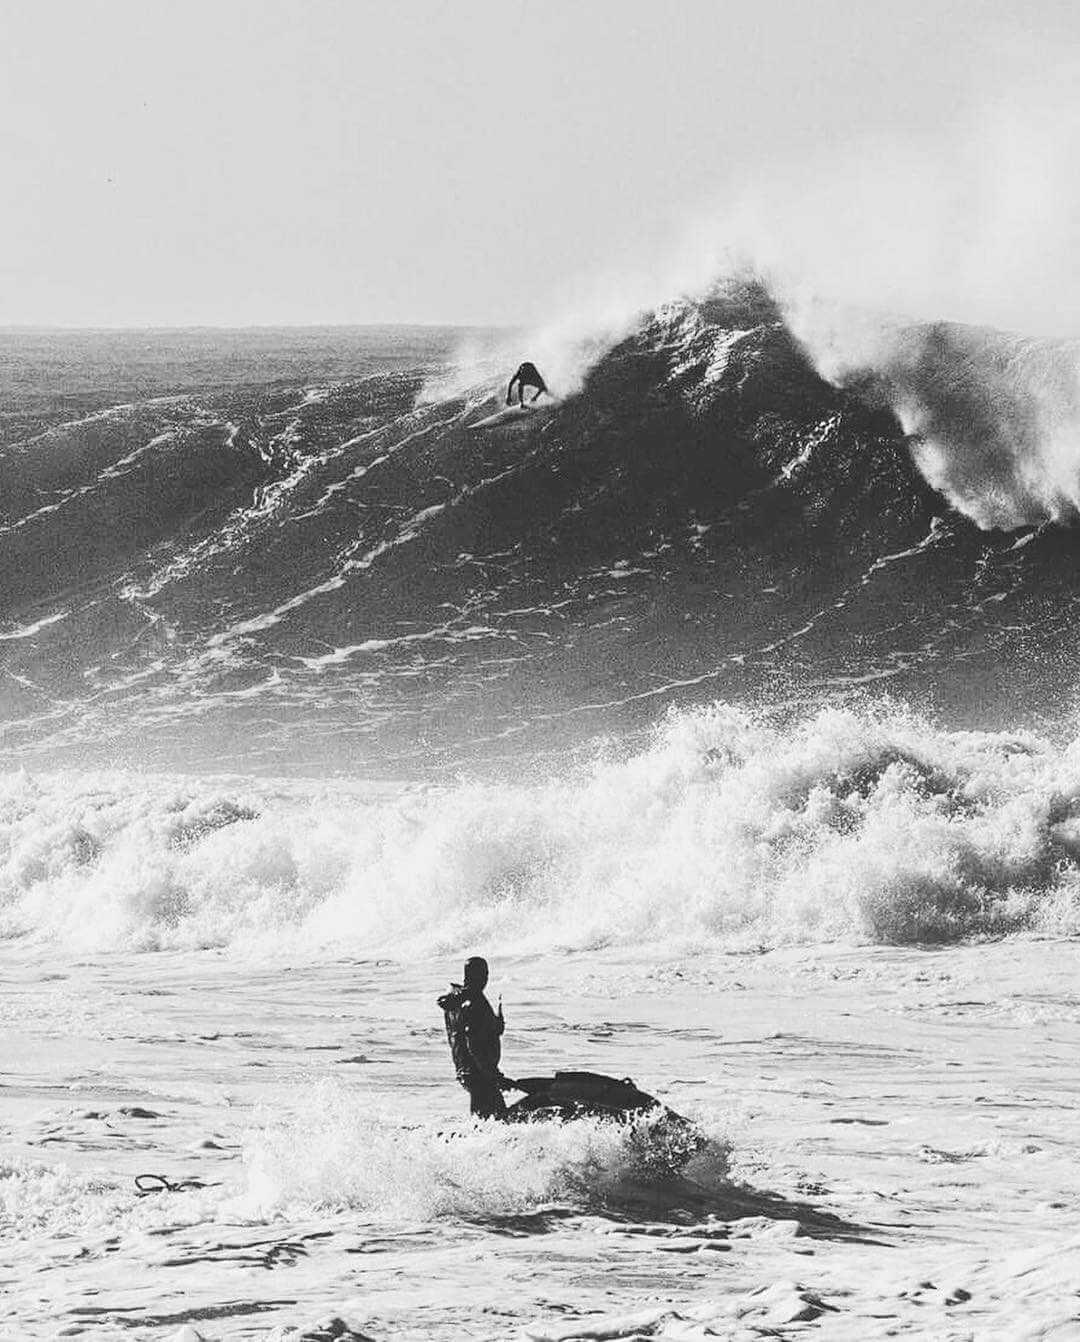 Surfeando una big wave en portugal